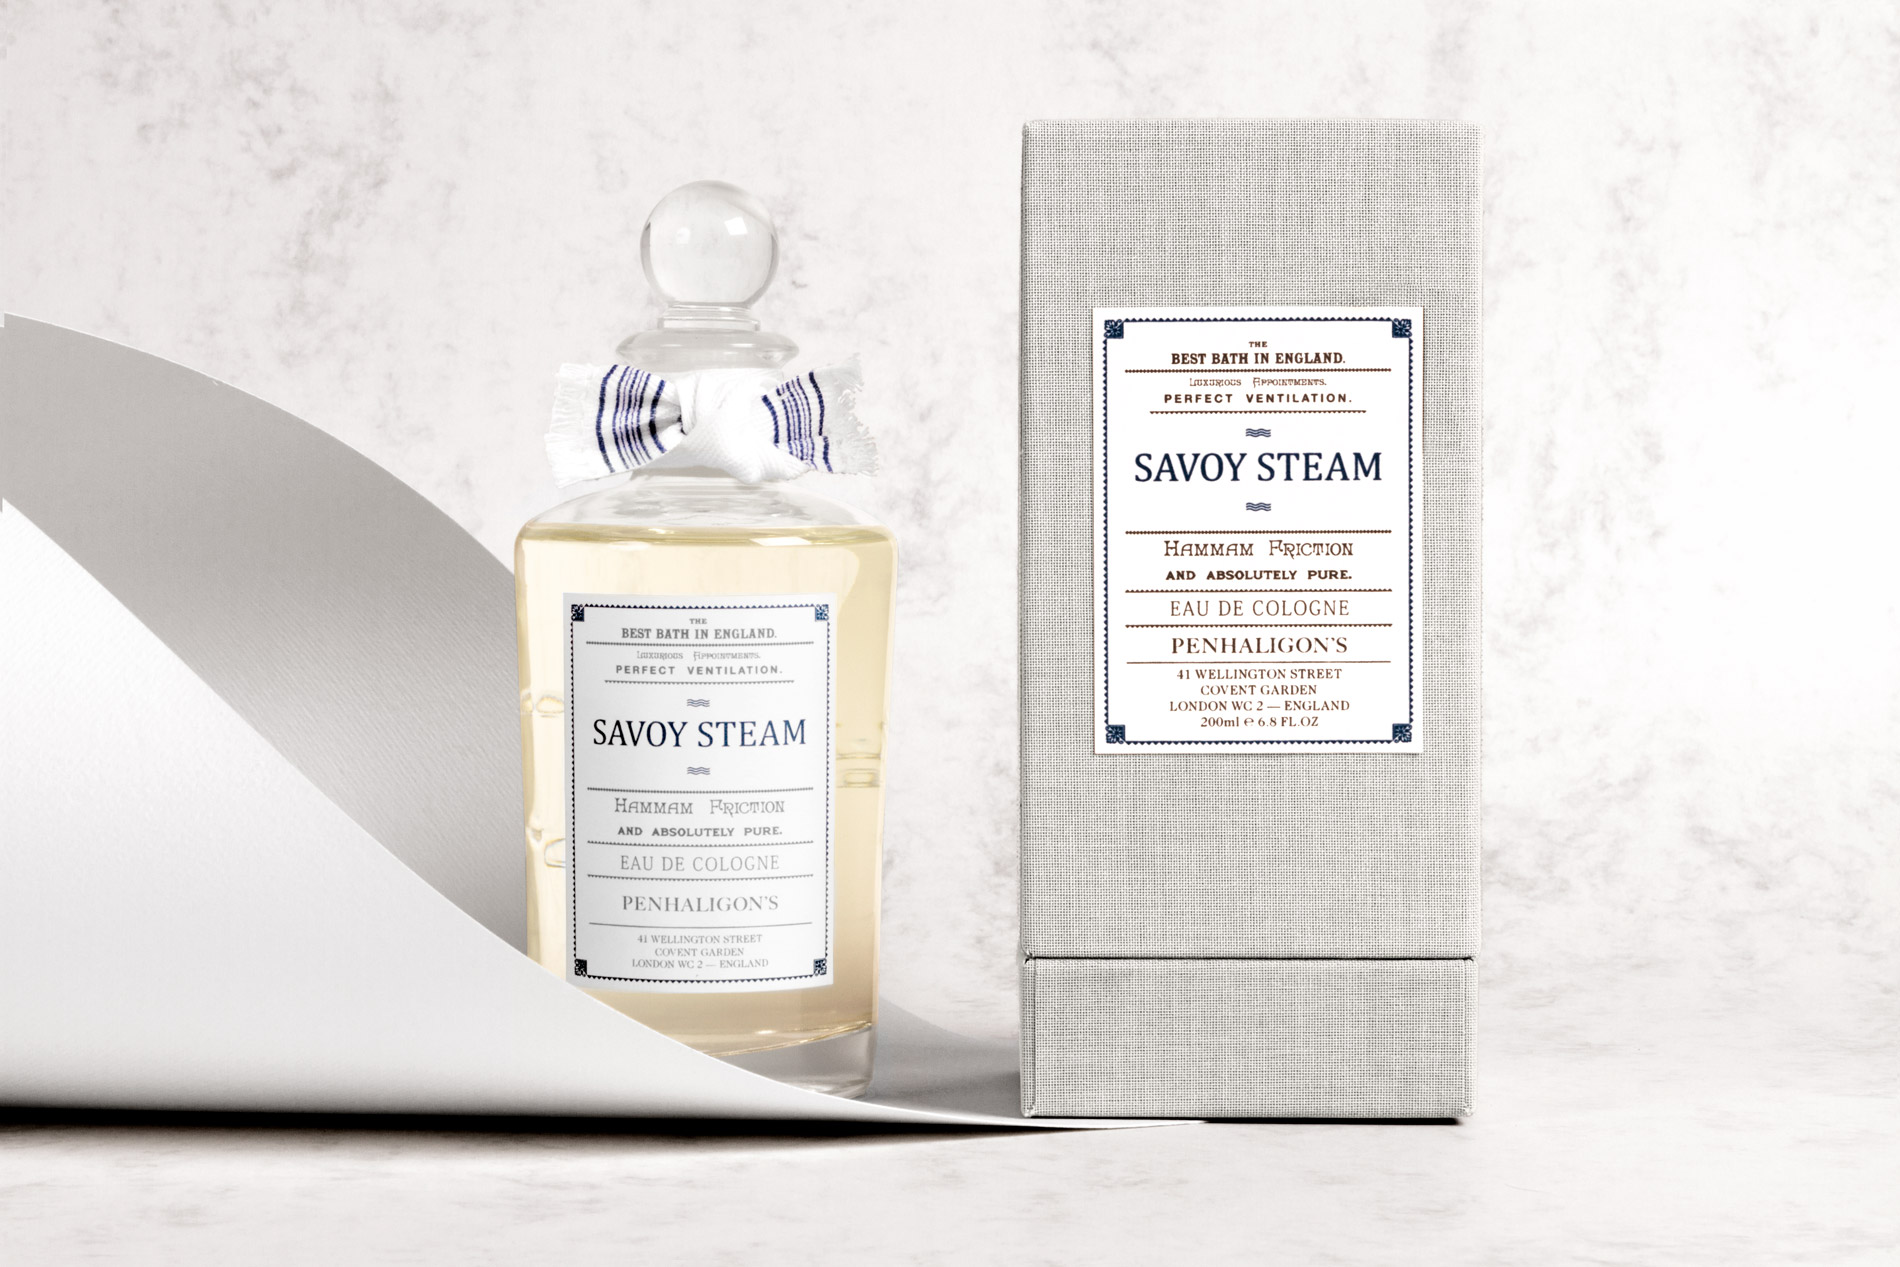 Penhaligon's design Savoy